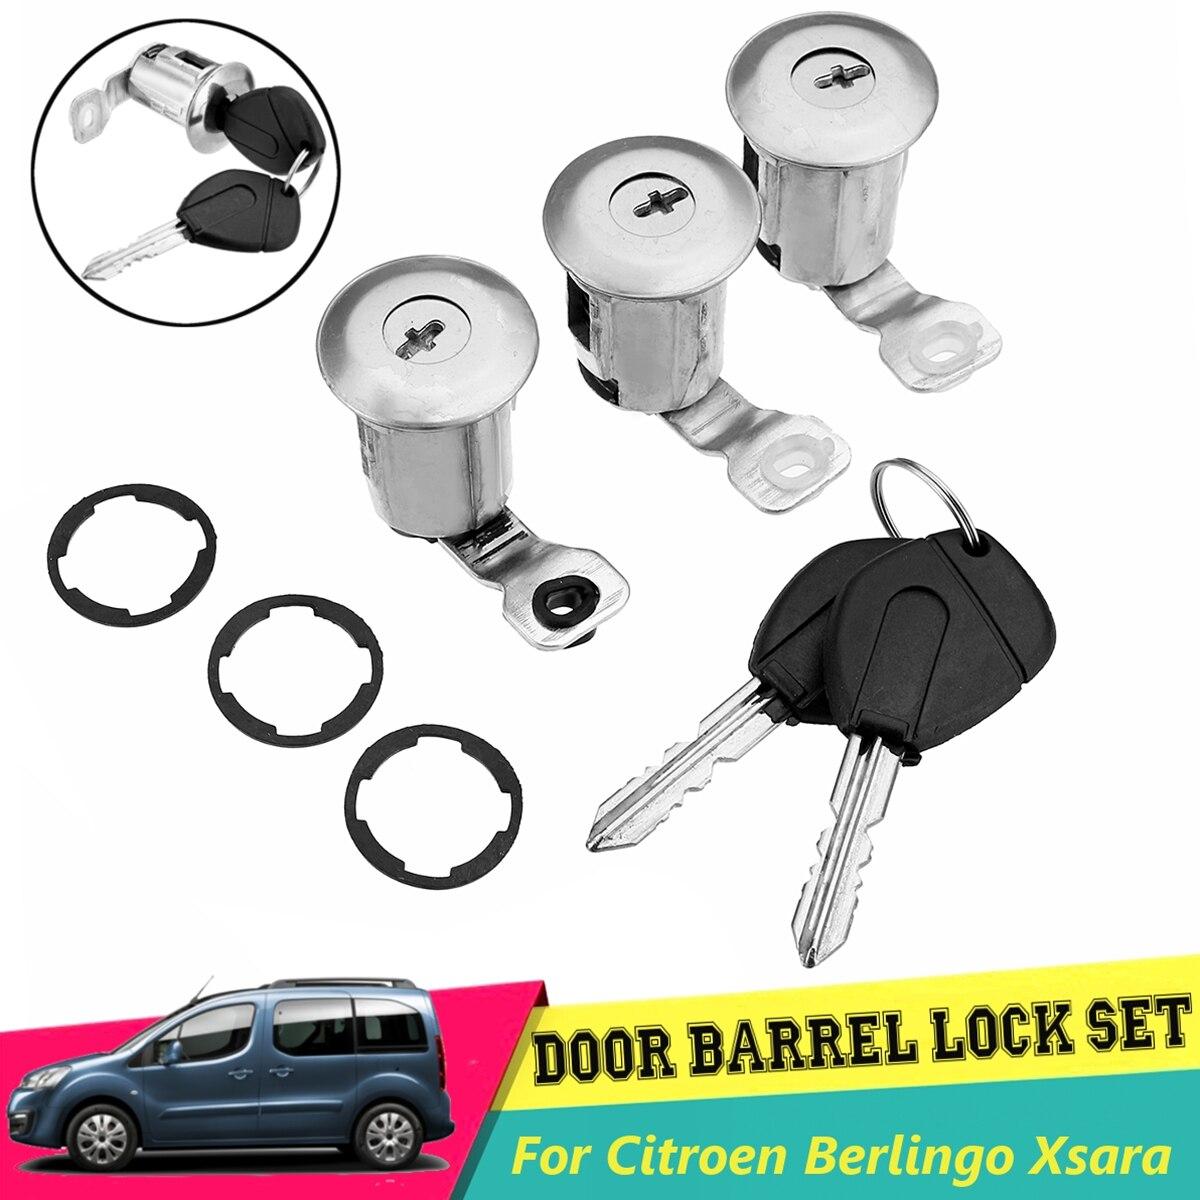 Serrure de porte automatique #2 barillet de serrure de porte de voiture 252522 avec cl/és pour partenaire Berlingo Xsara